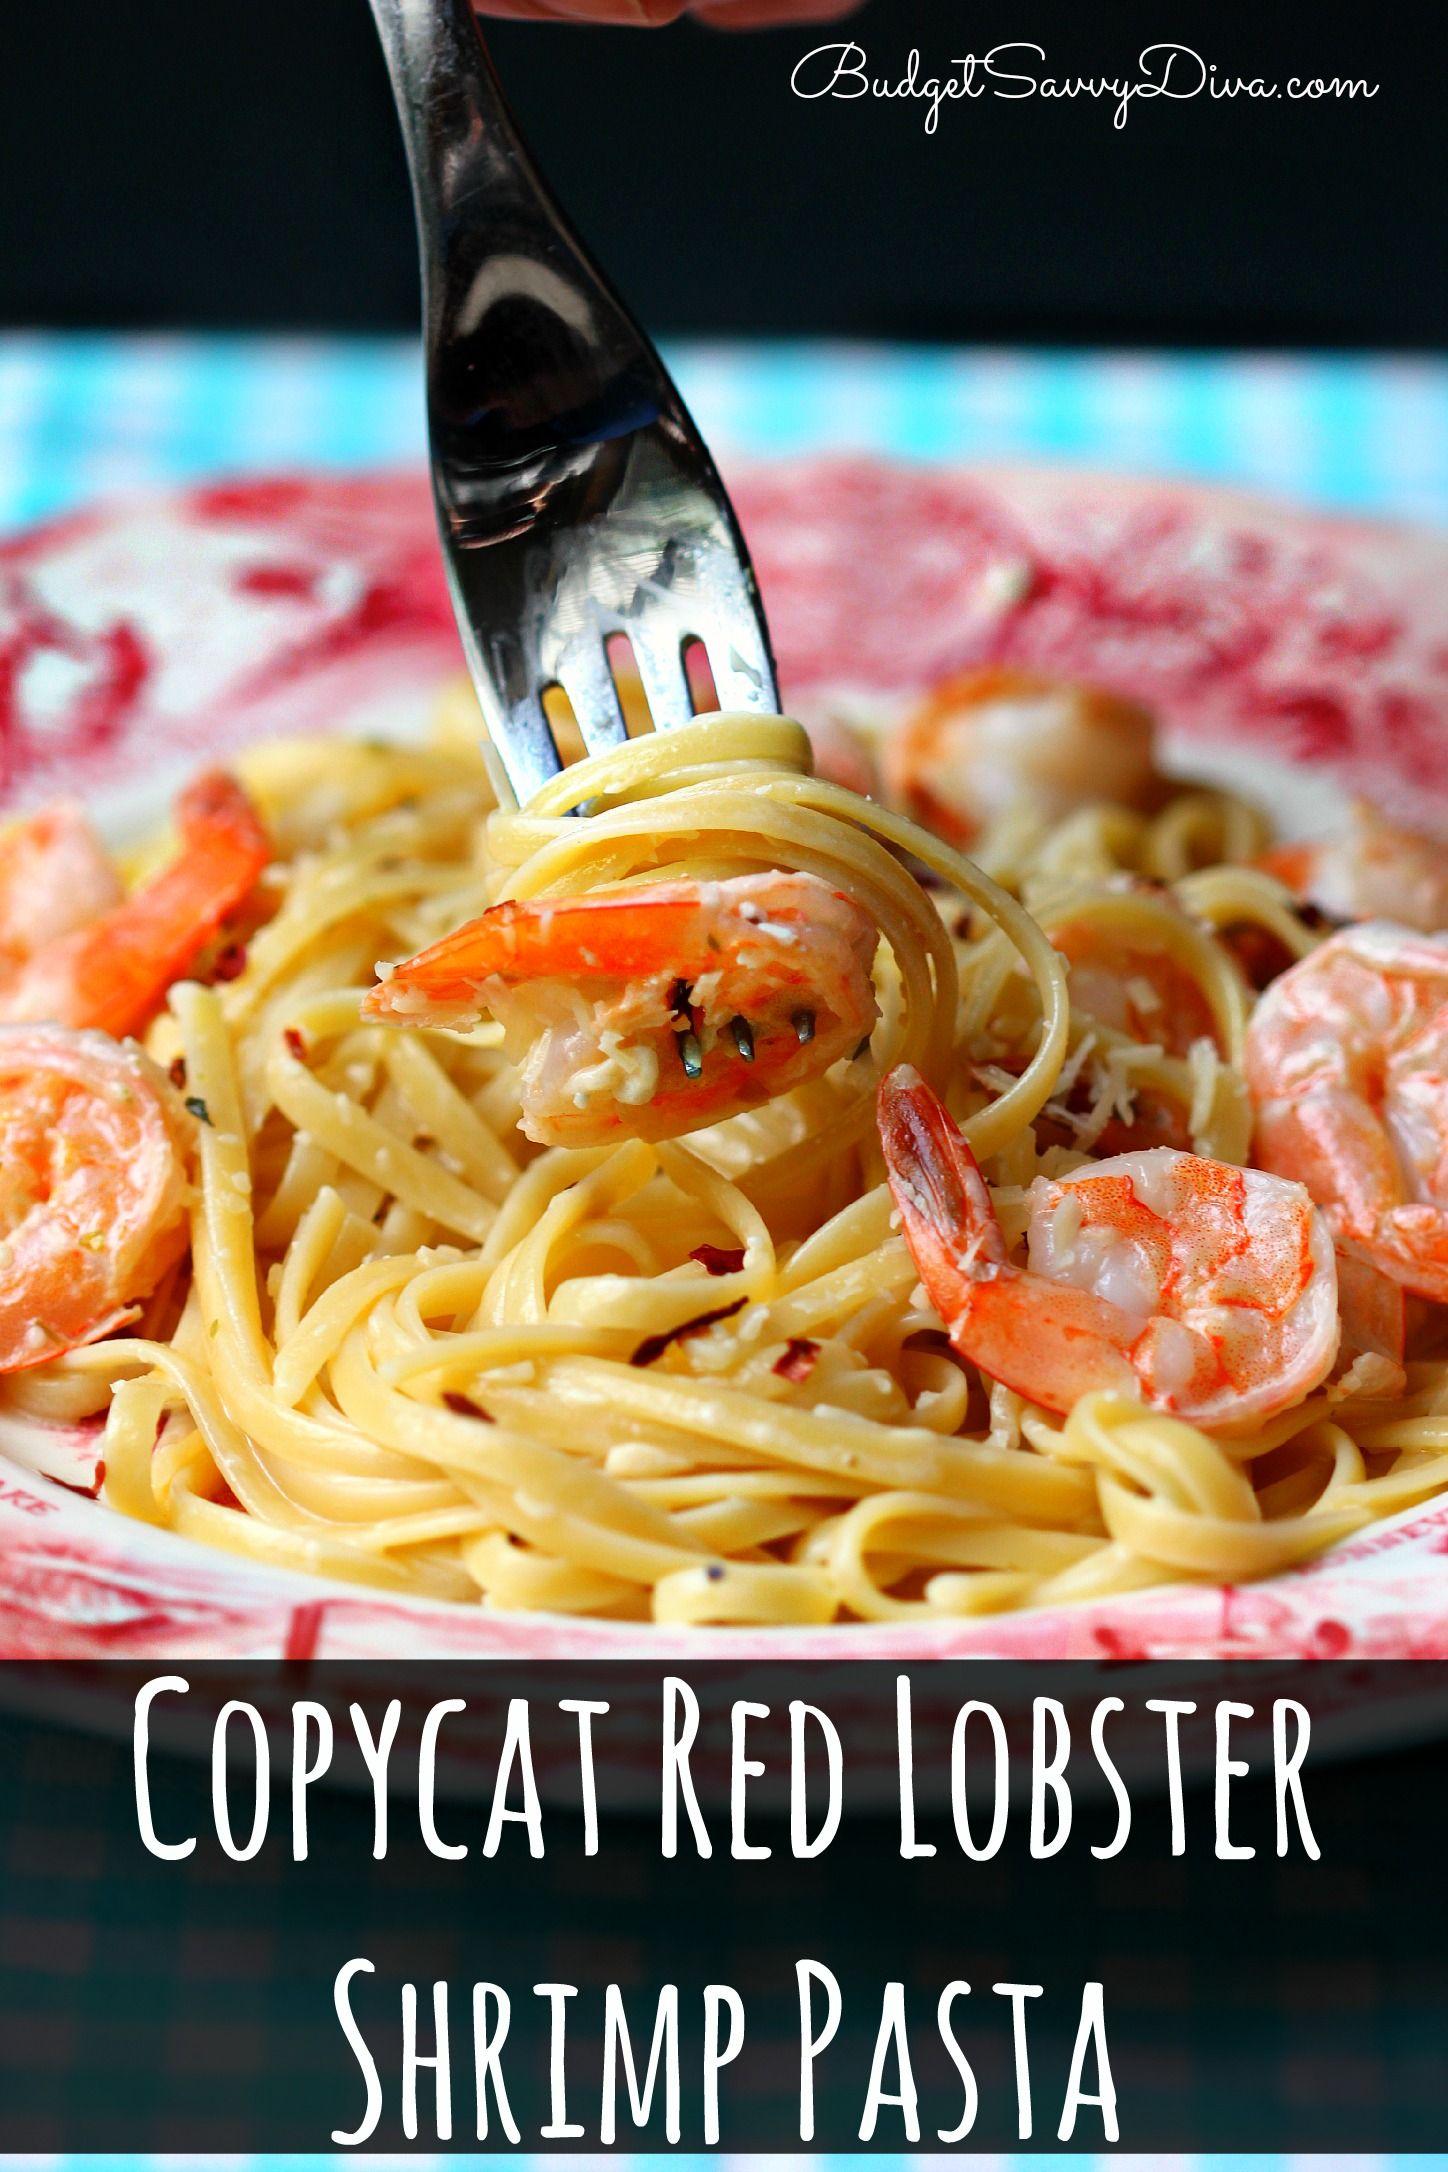 Copycat red lobster shrimp pasta budget savvy diva